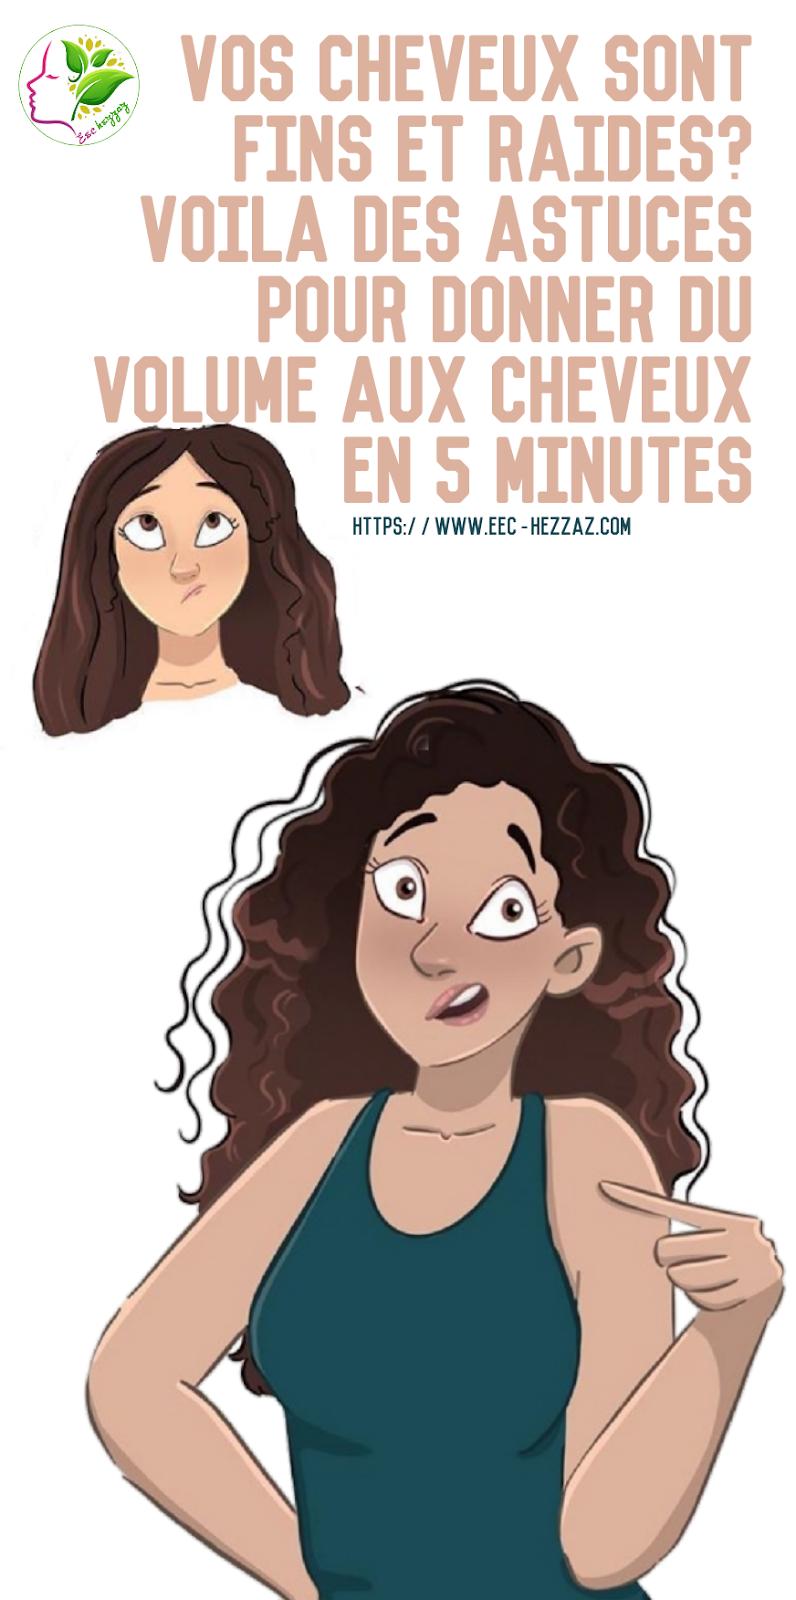 Vos cheveux sont fins et raides? Voila des astuces pour donner du volume aux cheveux en 5 minutes